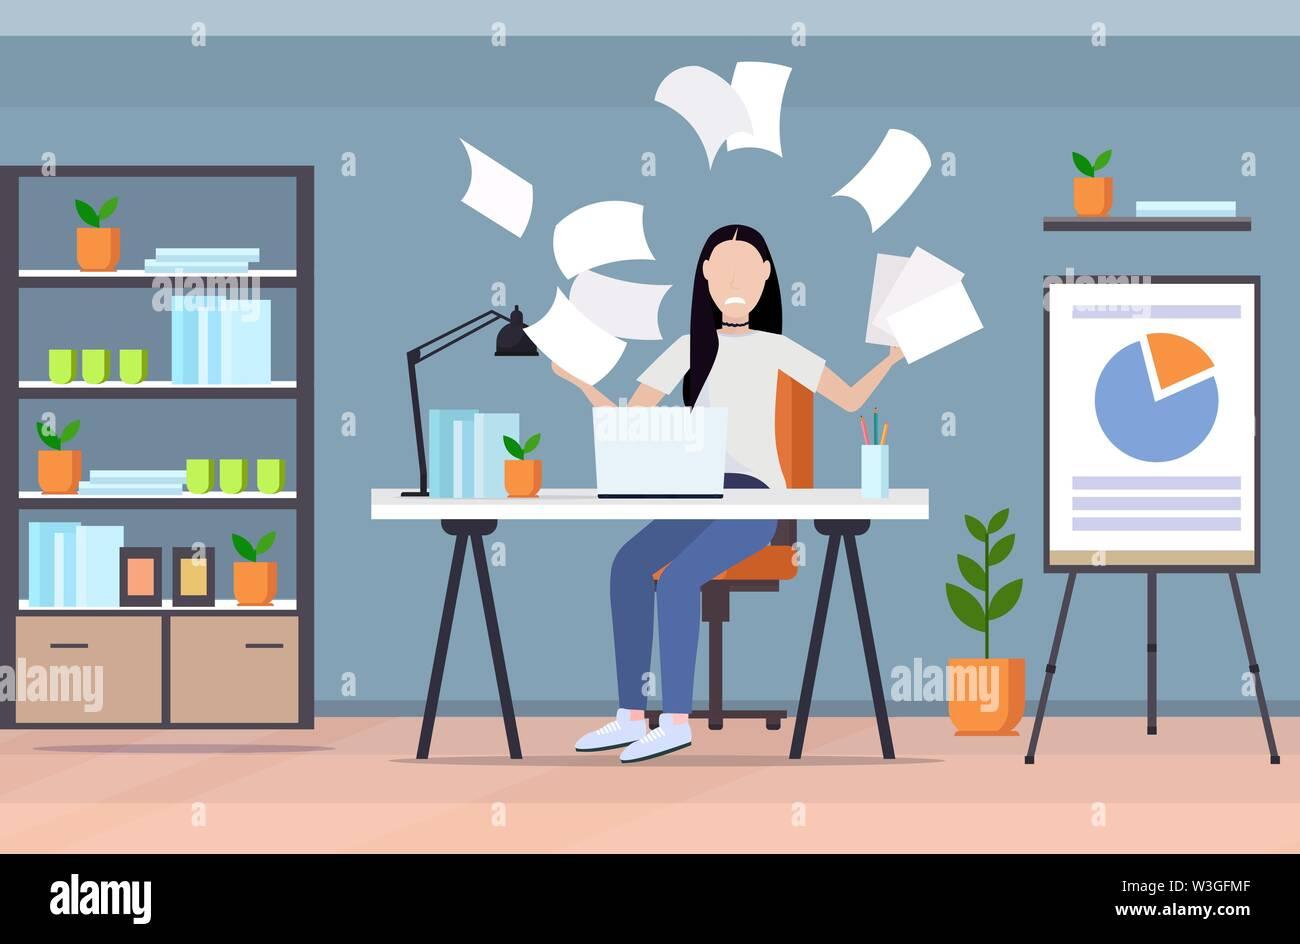 Müde, Geschäftsfrau, werfen, Papiere unzufrieden Business woman Stress negative Emotion problem gescheitertes Projekt Konzept moderne Büro innen Stockbild